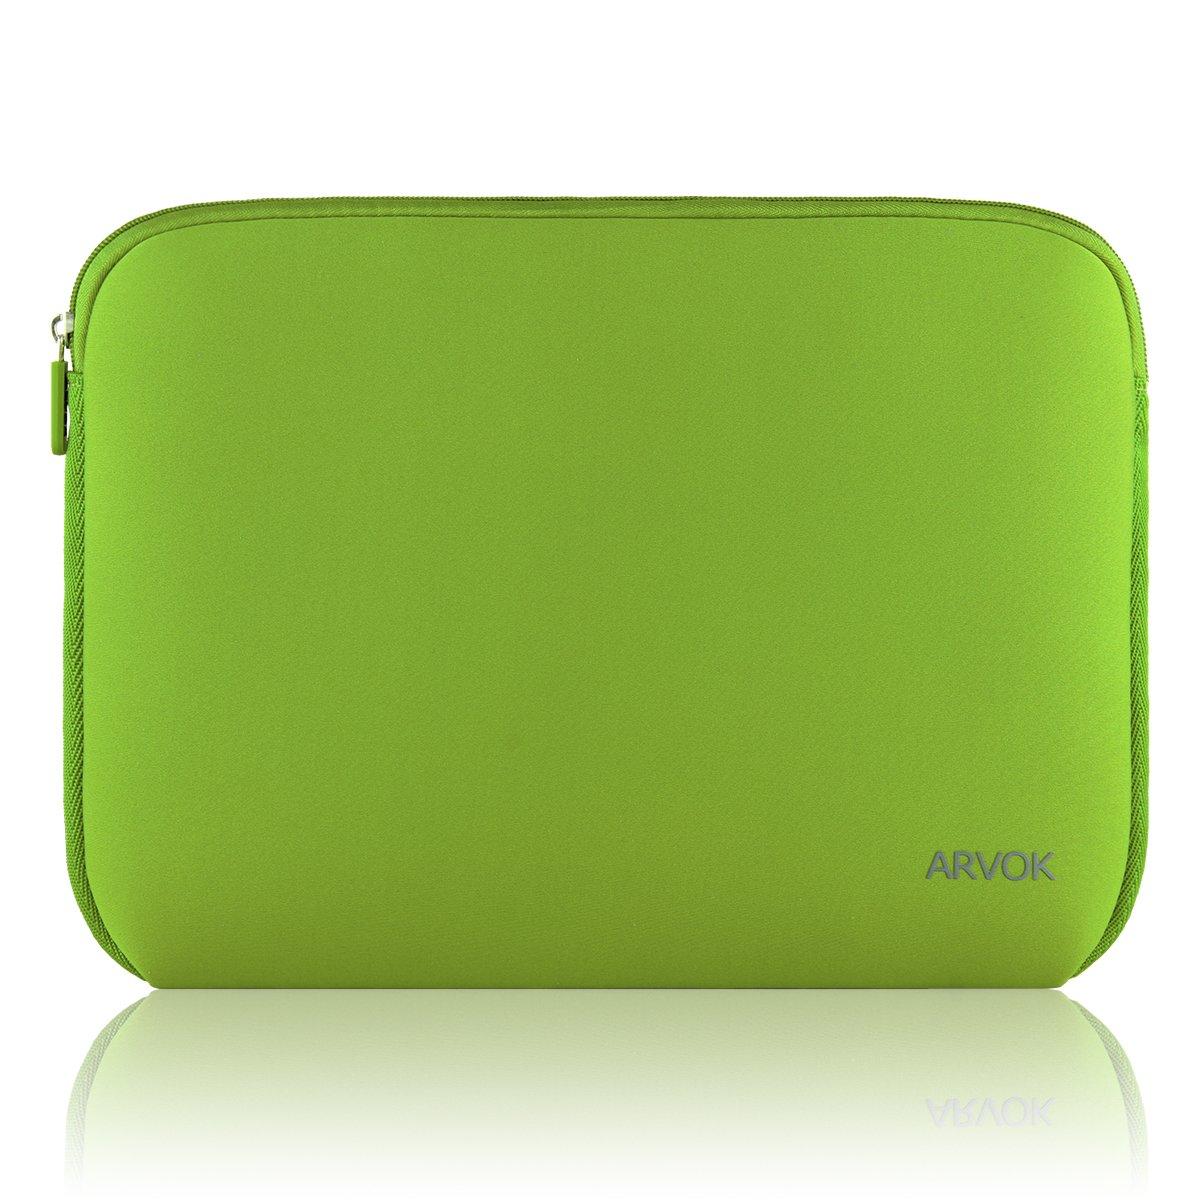 Arvok 15,6 Pulgadas Funda Protectora para Portátiles/Impermeable Ordenador Portátil Caso/Neopreno del Portátil Bolsa para Acer/ASUS / DELL/Fujitsu ...